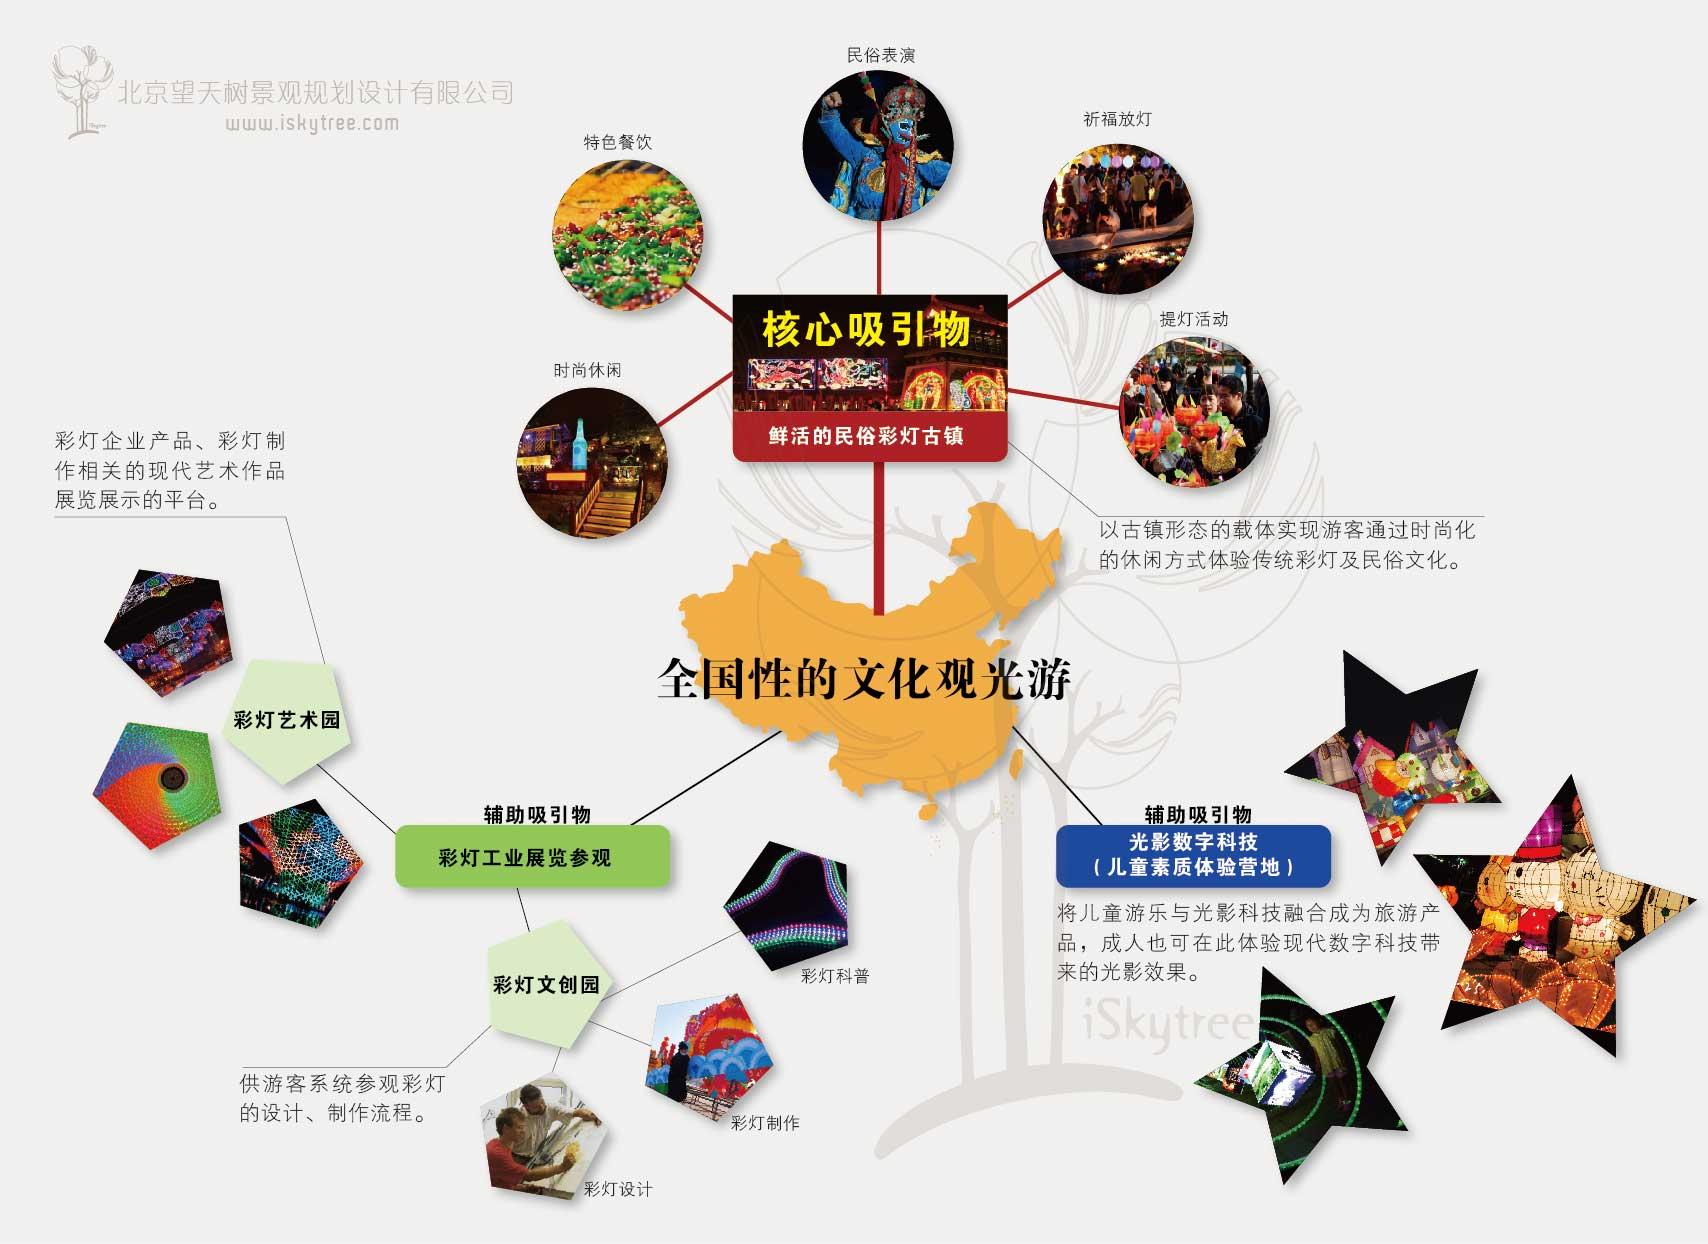 文化观光与商贸旅游